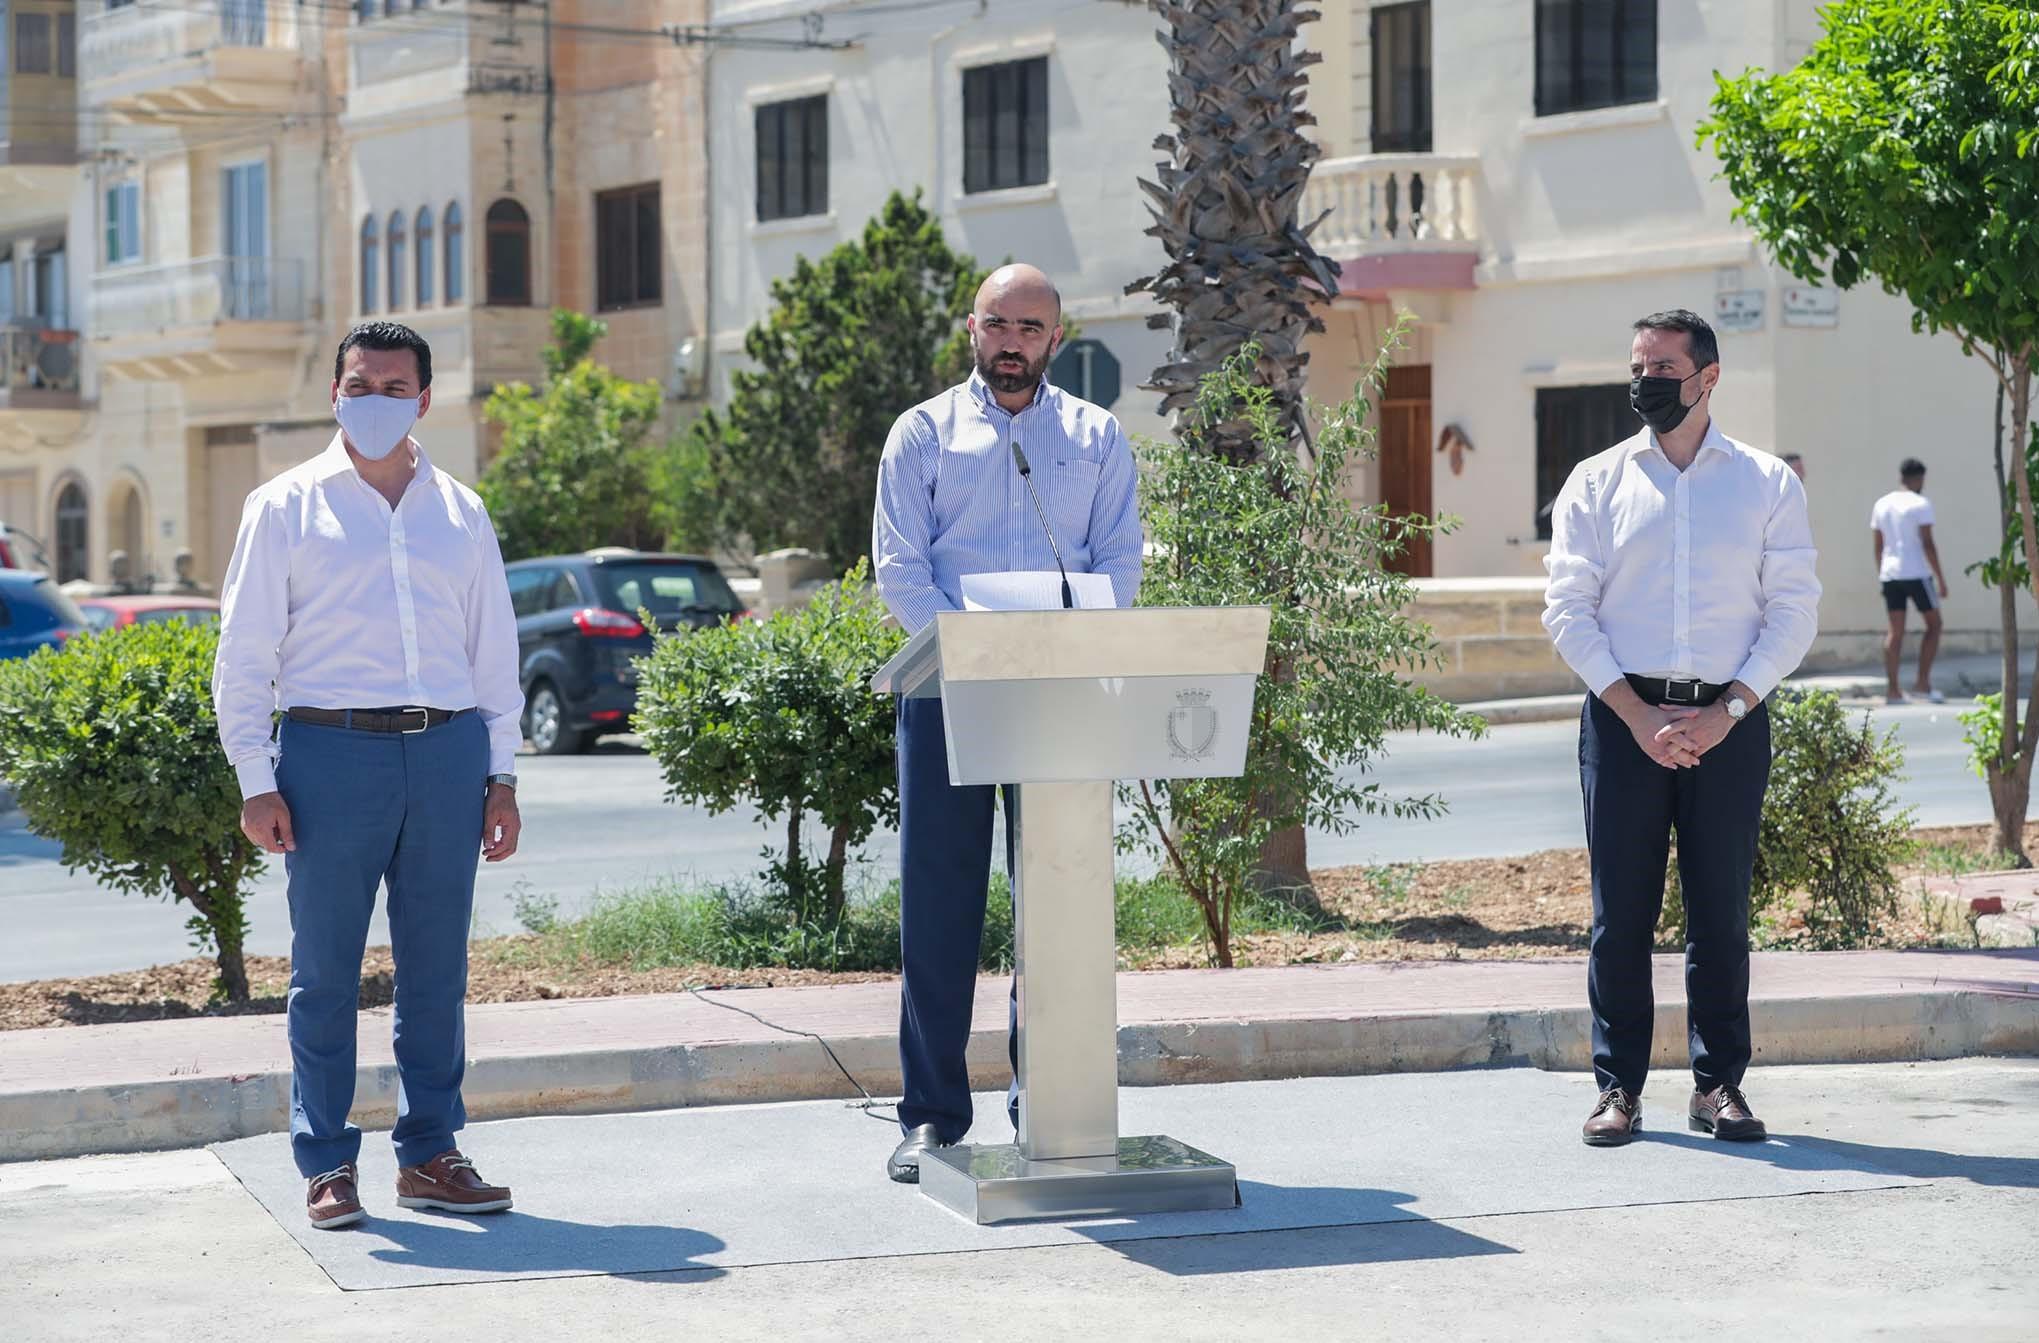 Proġett ġdid ta' urban greening b'investiment ta' €1.5 miljun